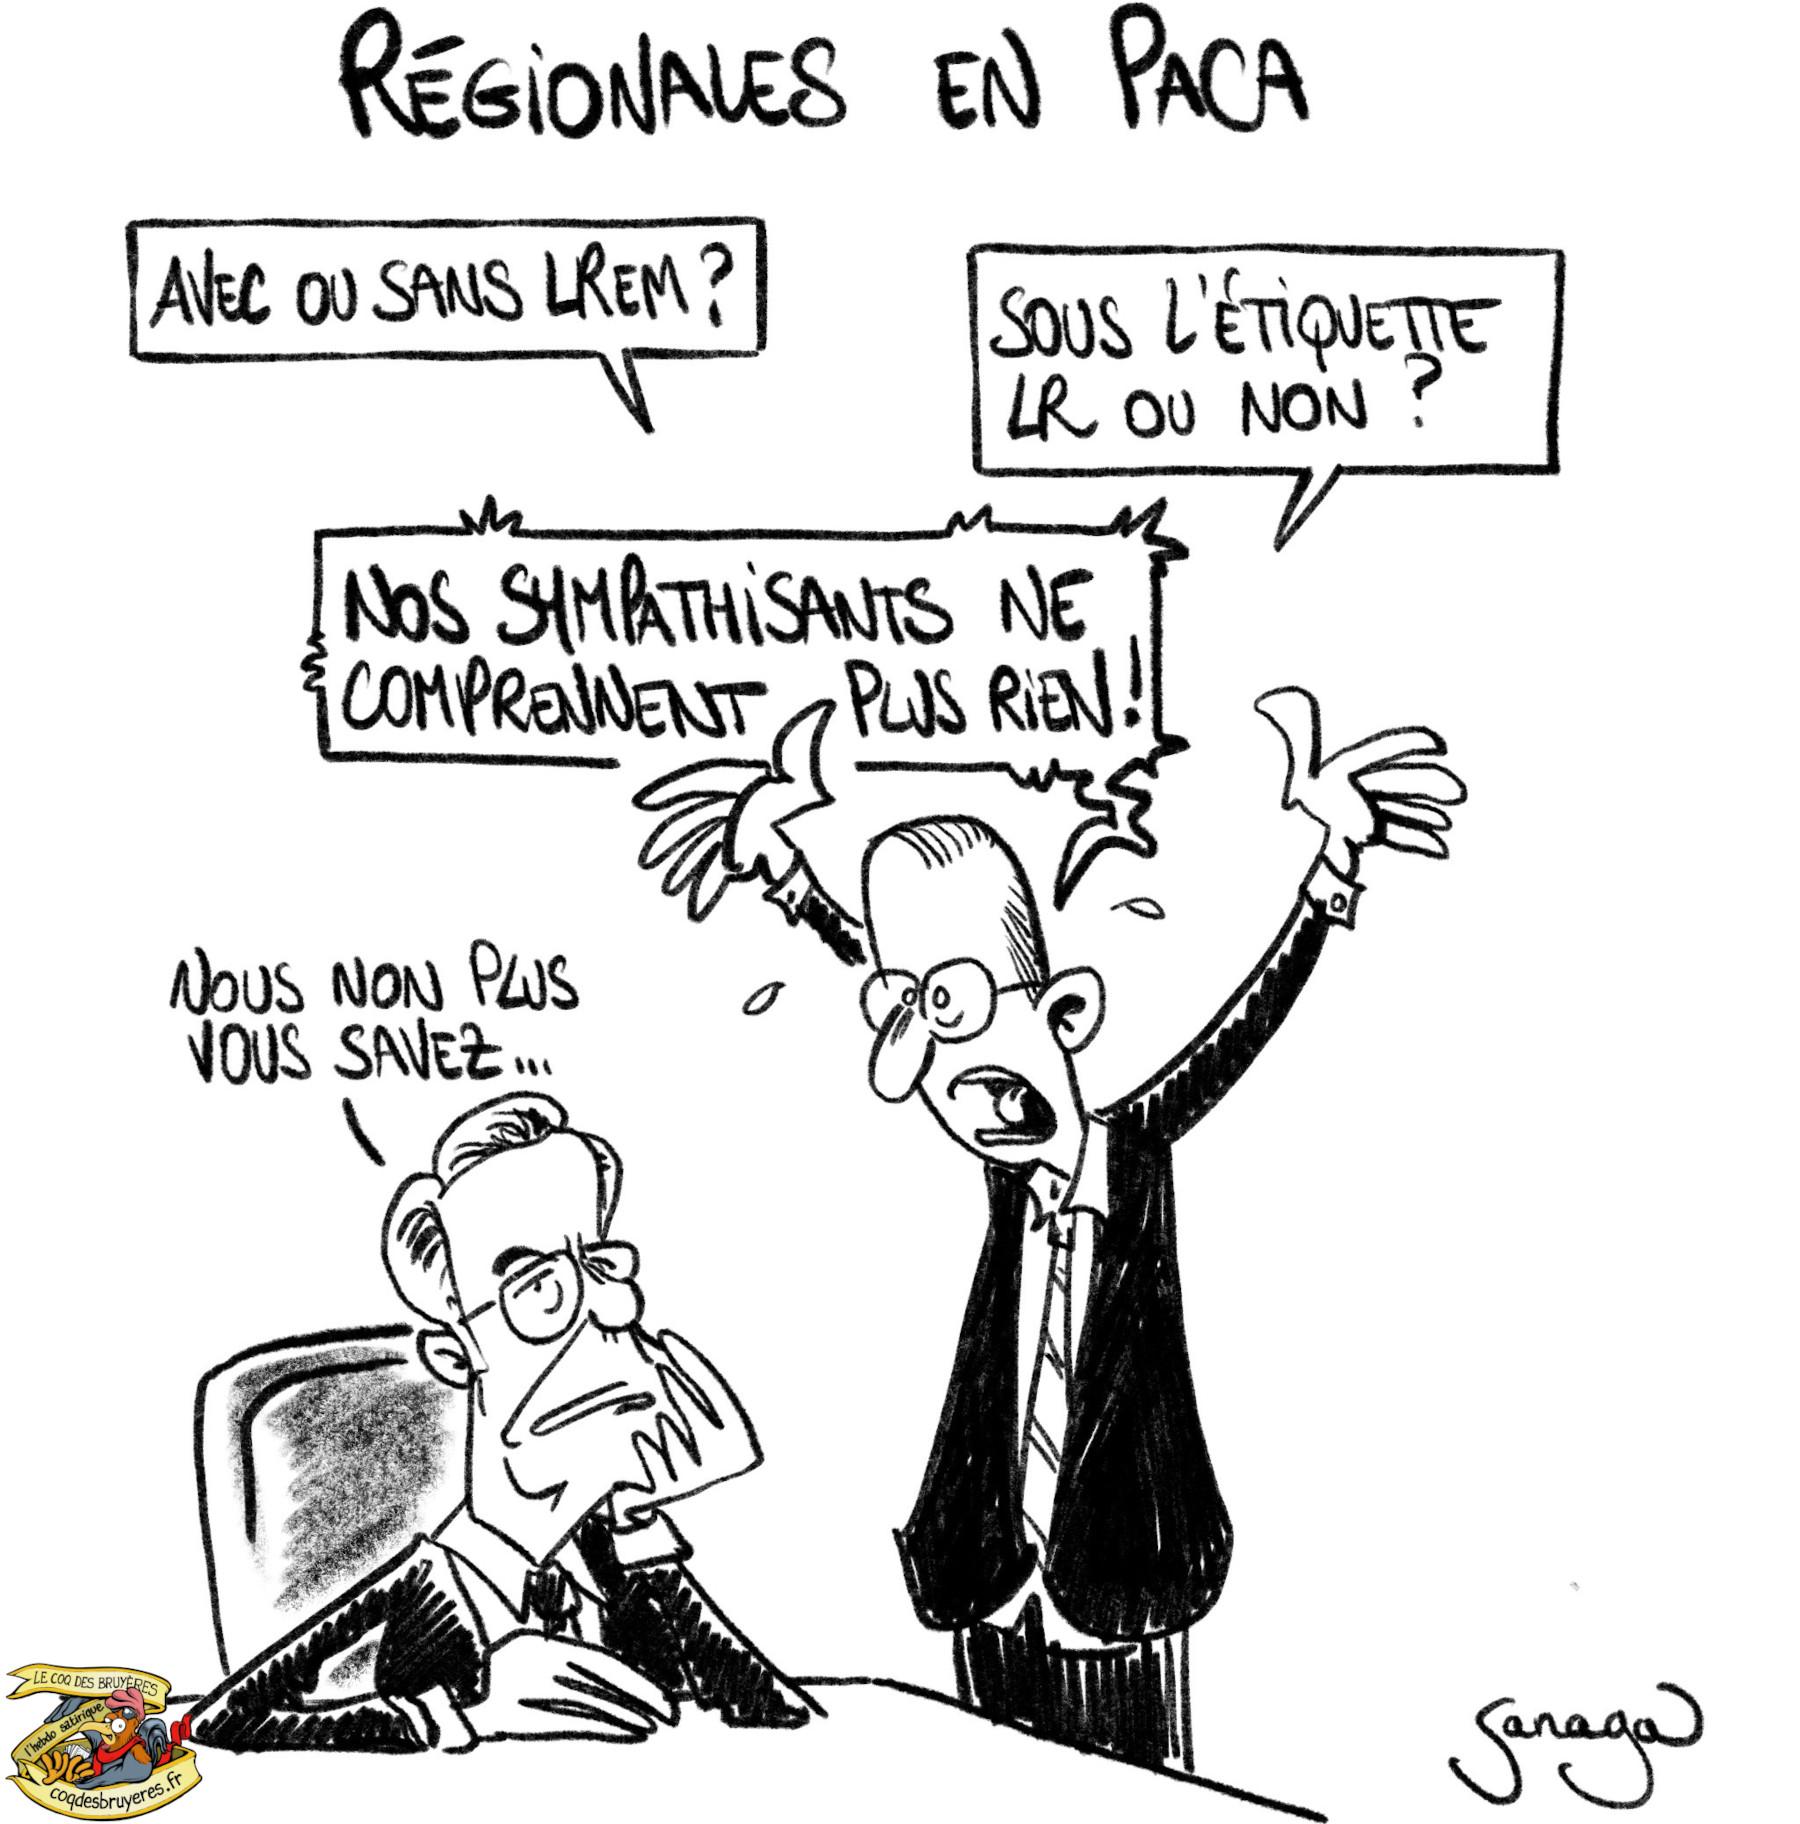 Les régionales ouvrent le bal